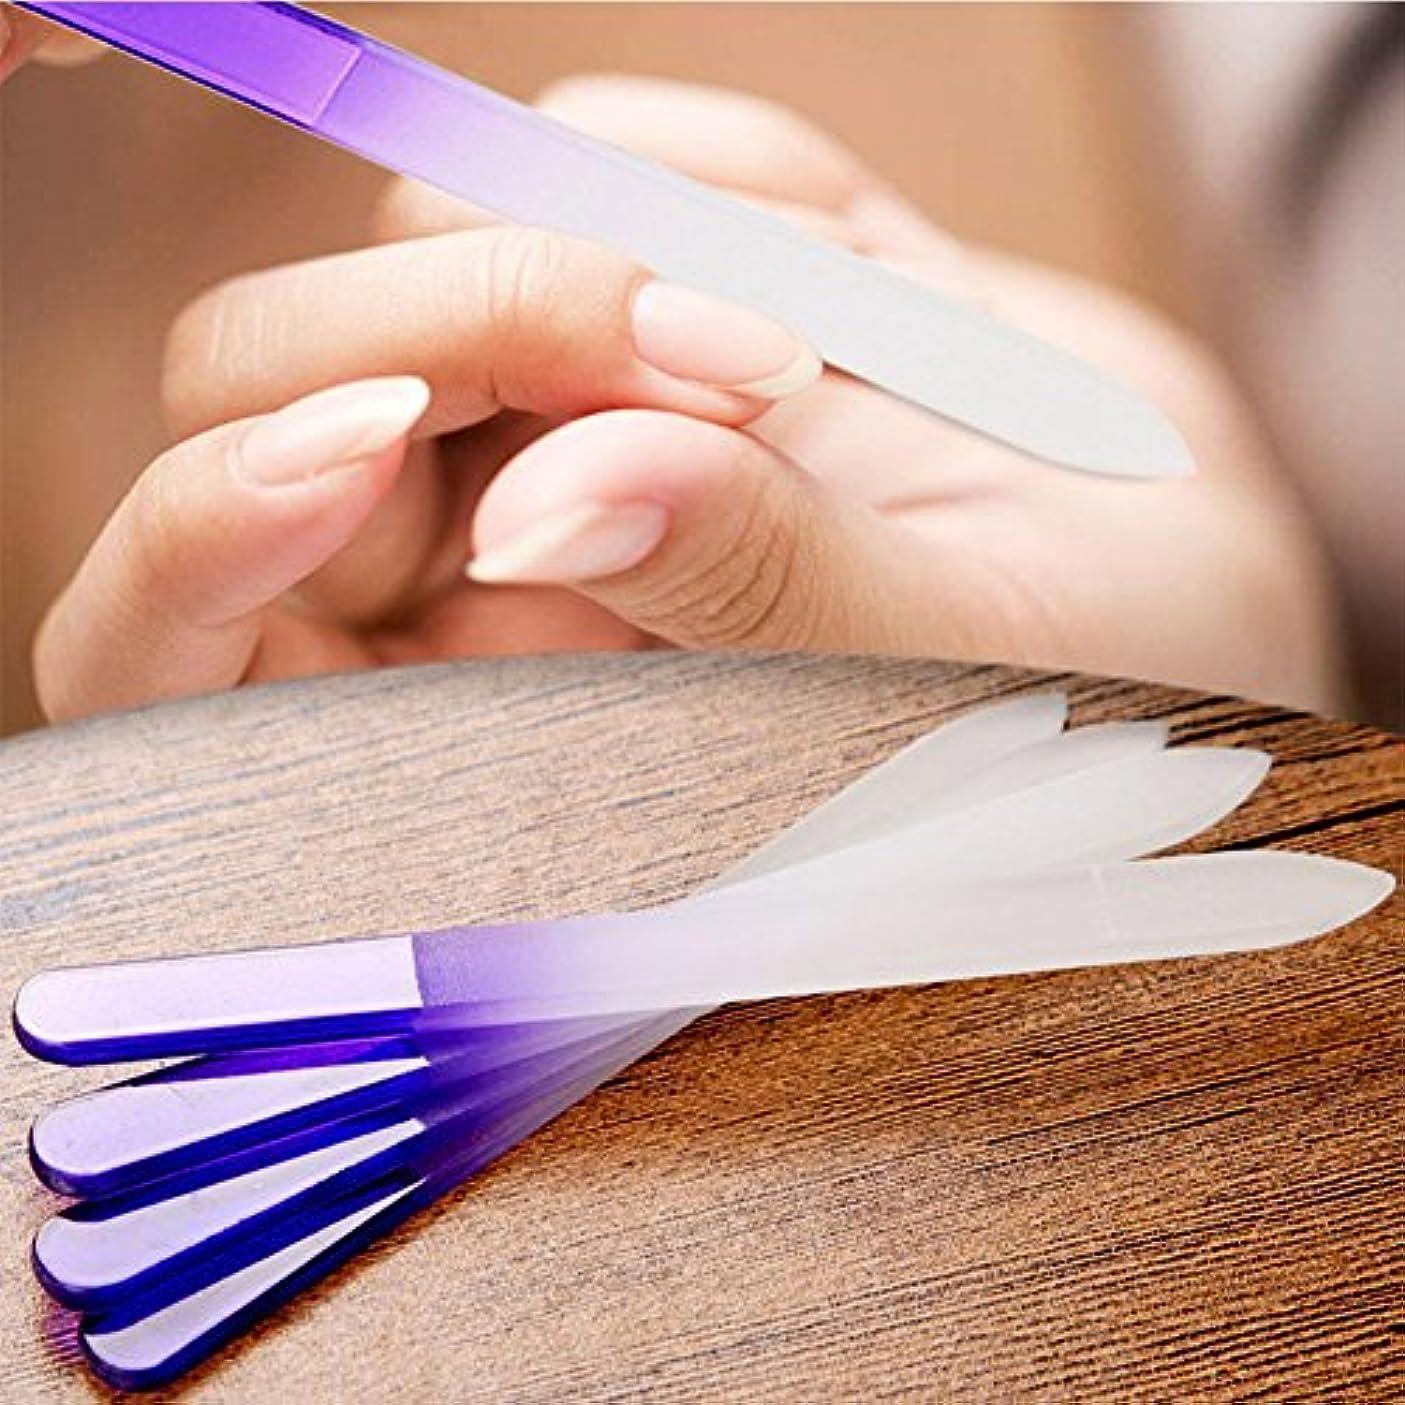 囚人送る永久にLiebeye マニキュア ネイル ファイル クリスタル ガラス ファイルバッファー 装置研磨 ネイル アート 装飾 ツール 4本